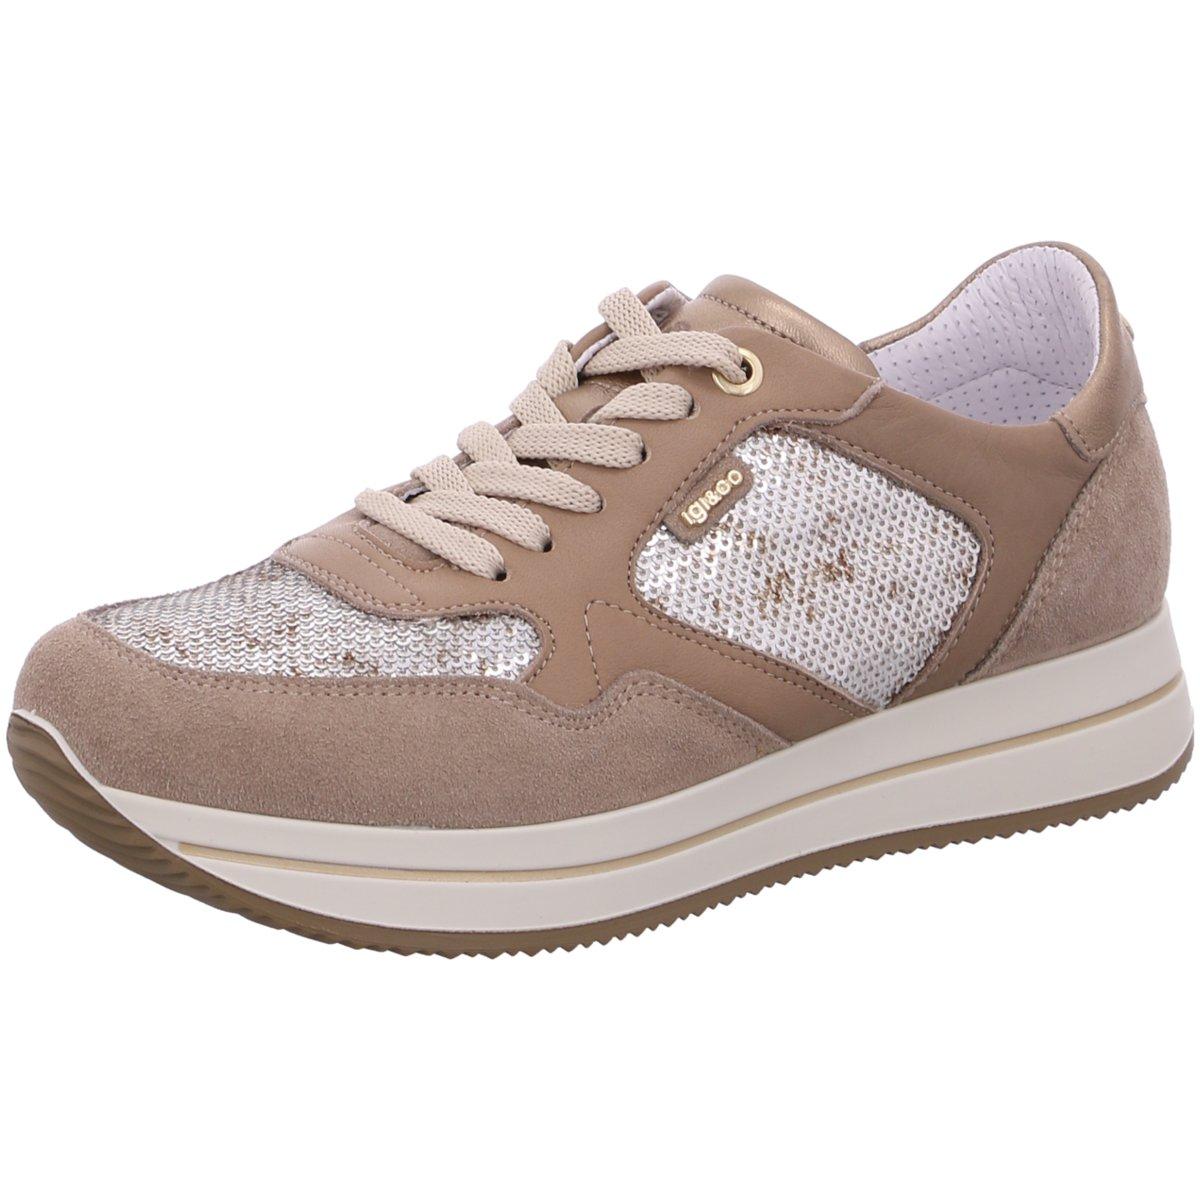 Farbblock Stiefeletten Pumps Platform Ankle Boots Damenschuhe Schnürer Stiletto